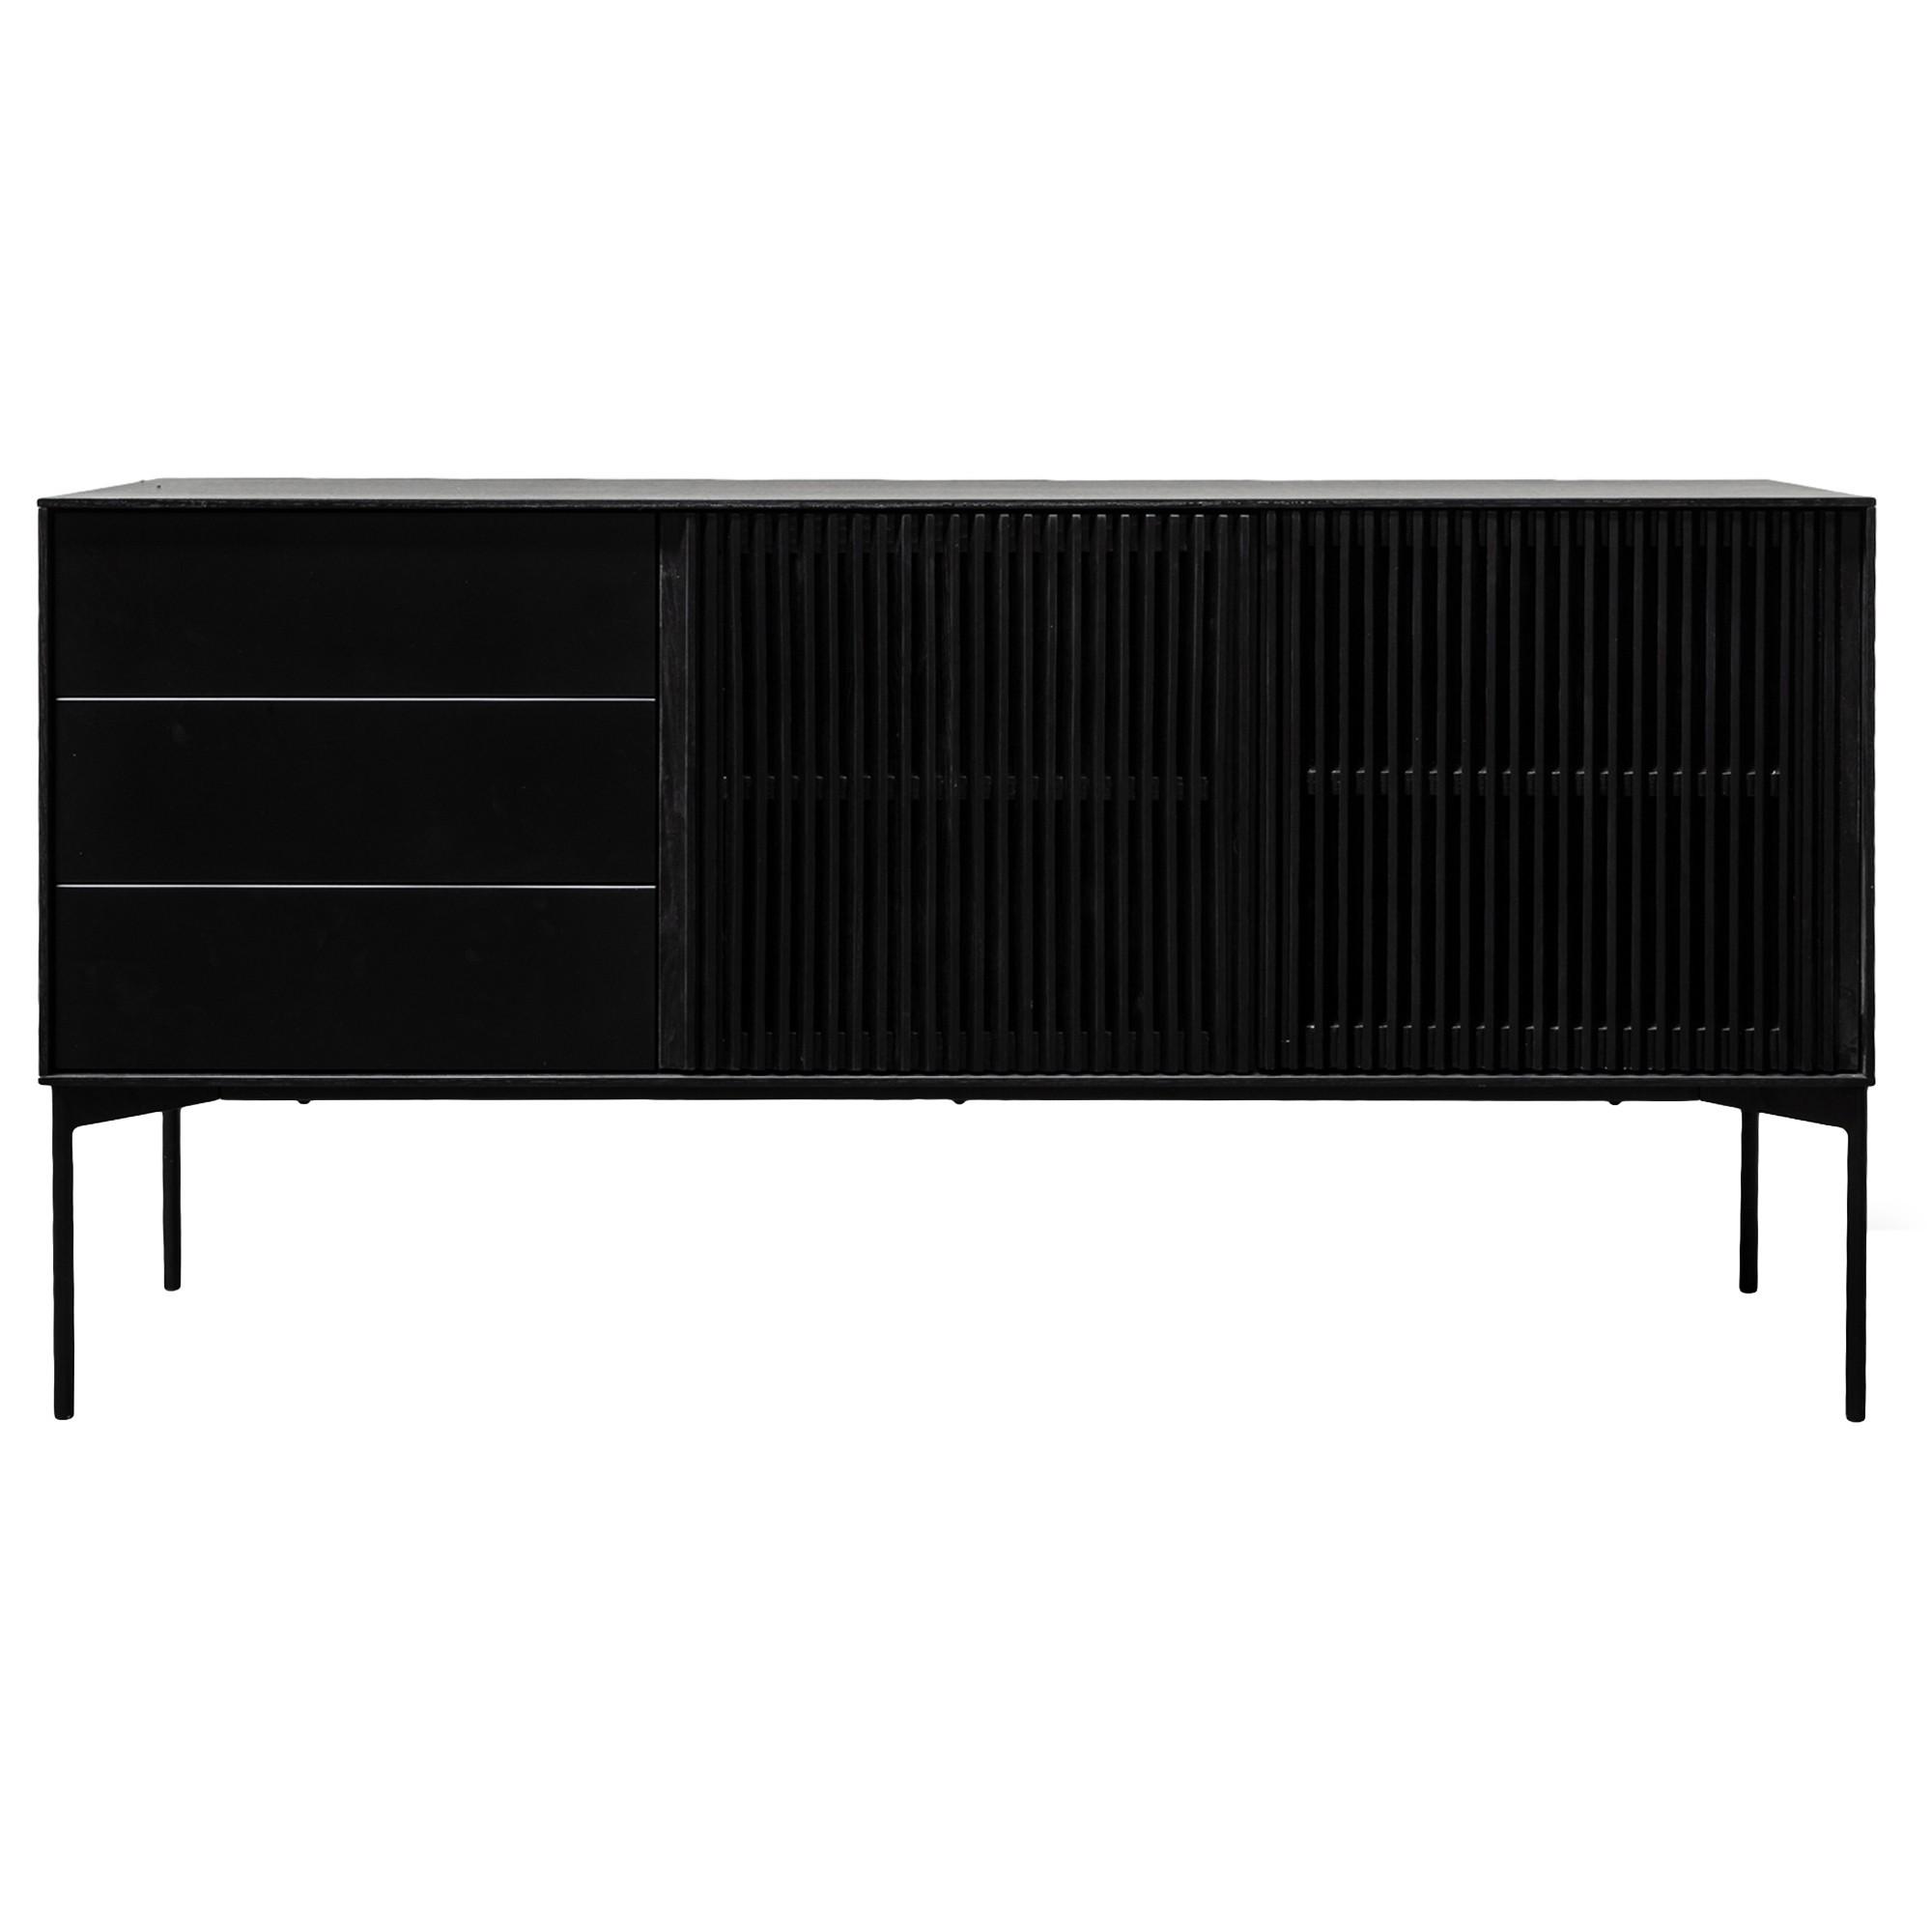 Barossa 2 Door 3 Drawer Sideboard, 160cm